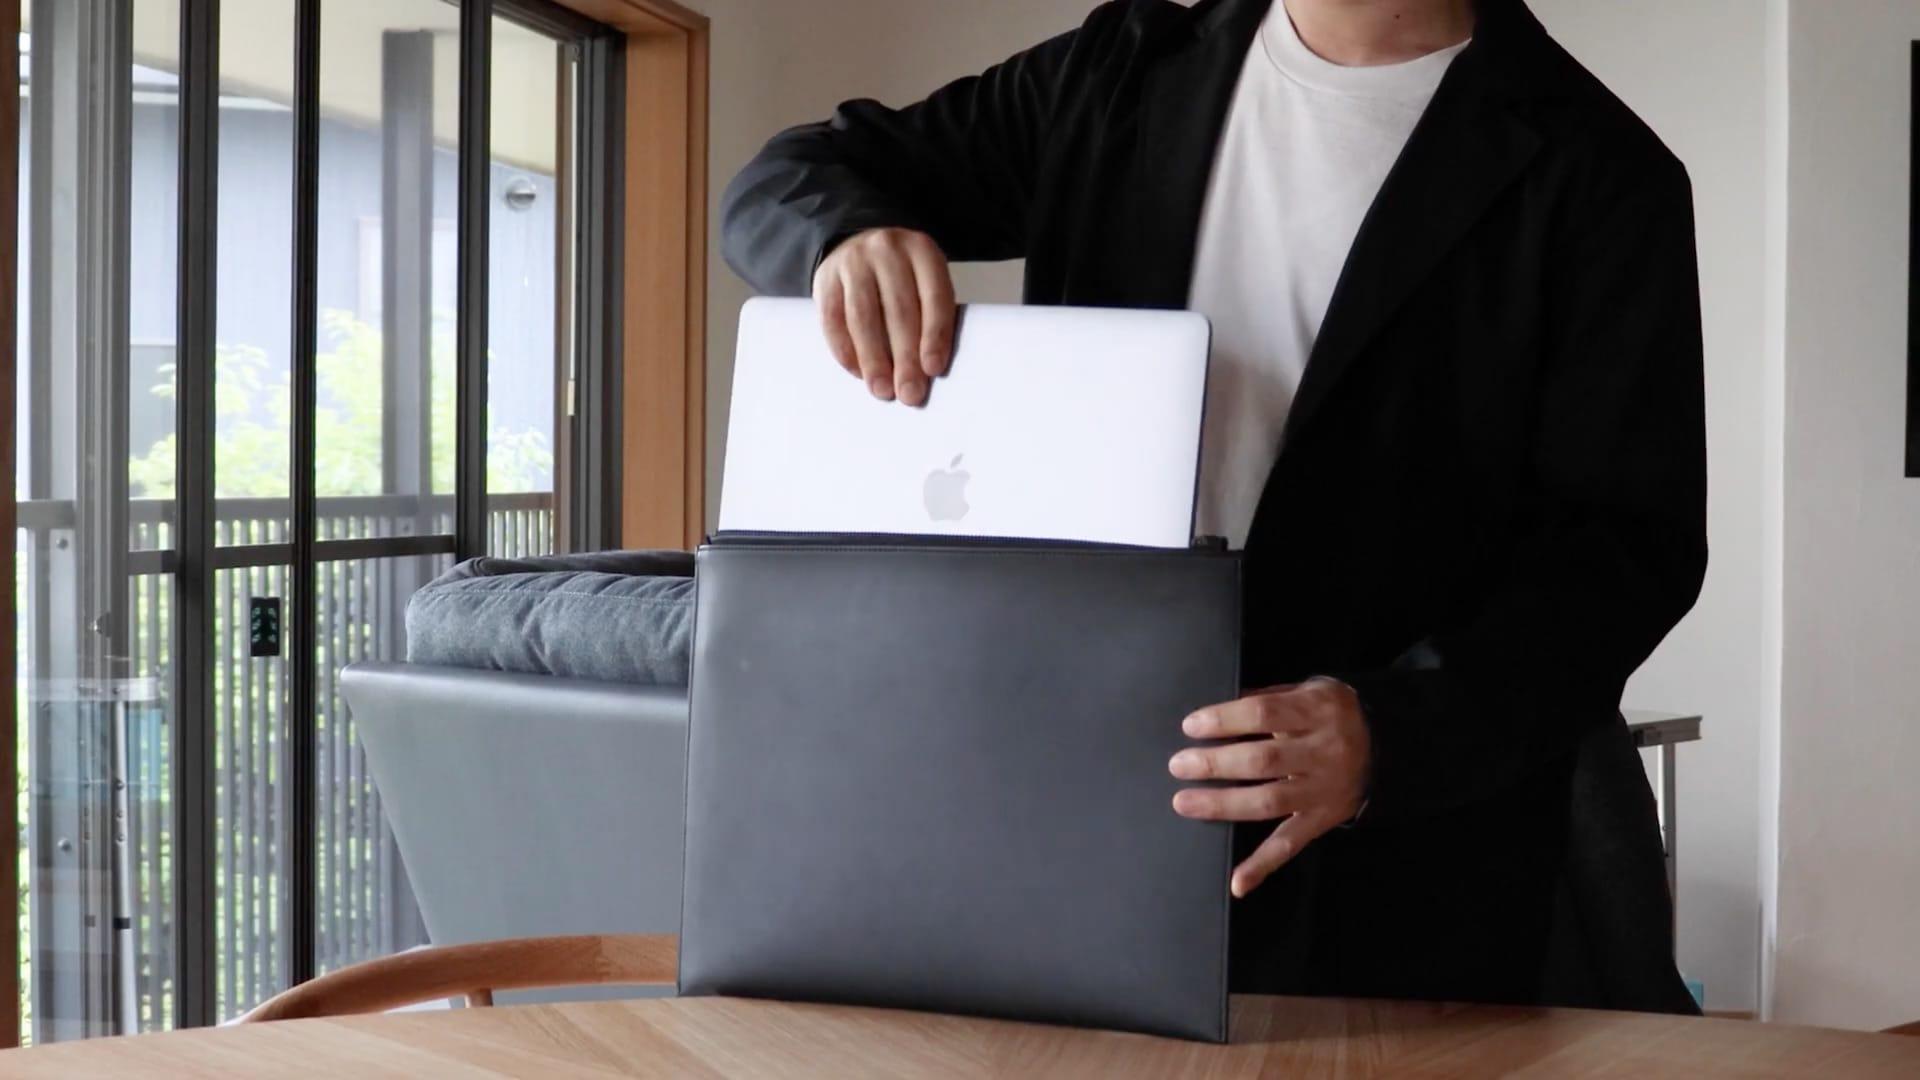 13インチMacBook Pro/Airなどに対応したクラッチバッグ「Layer Sleeve」